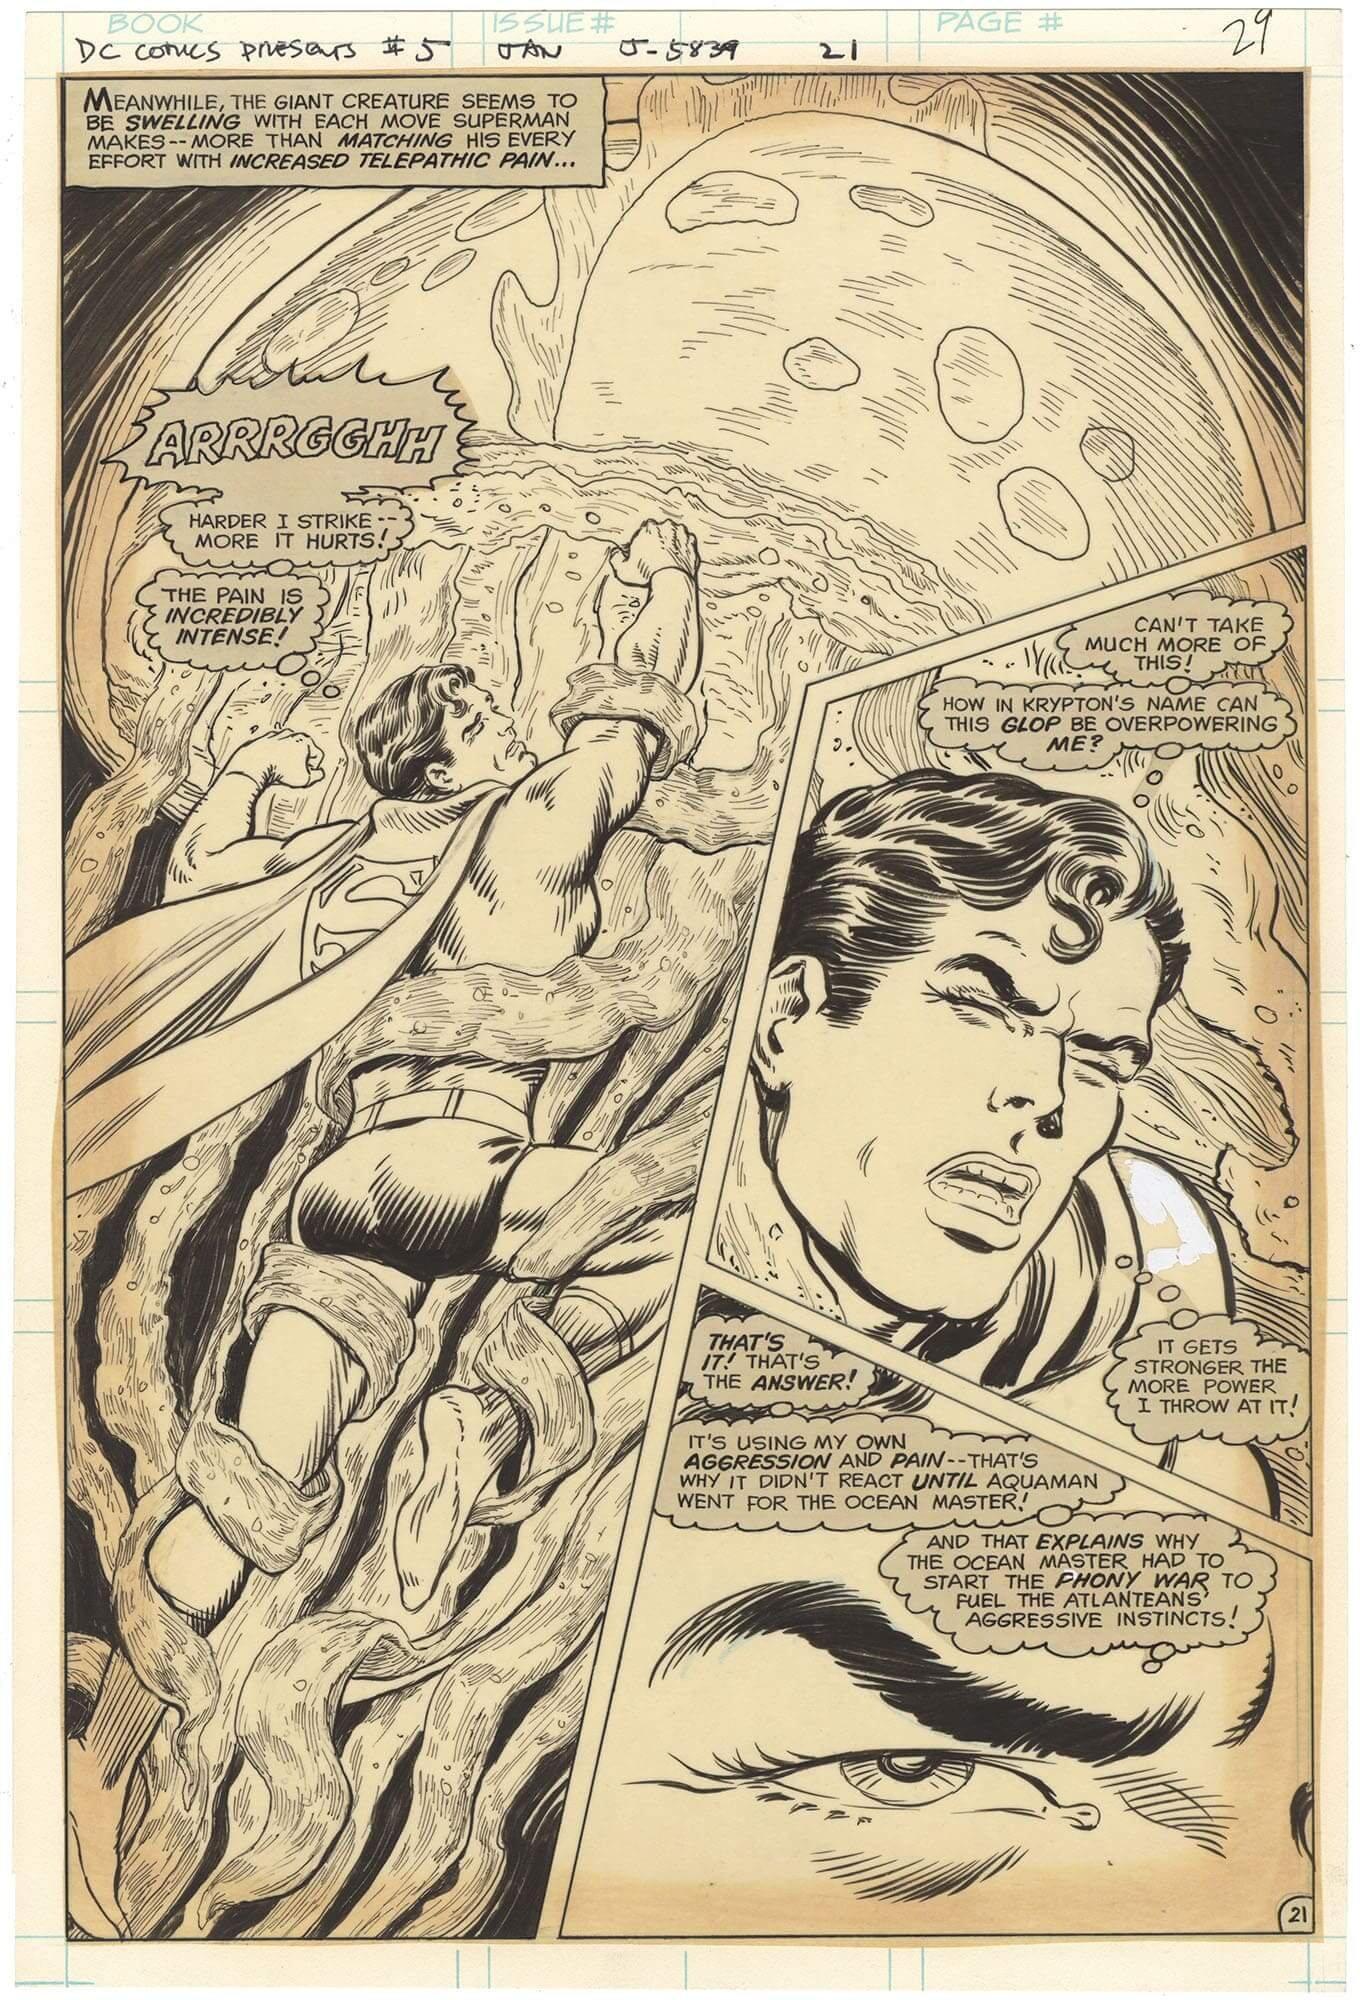 DC Comics Presents #5 p21 (⅔ Splash)